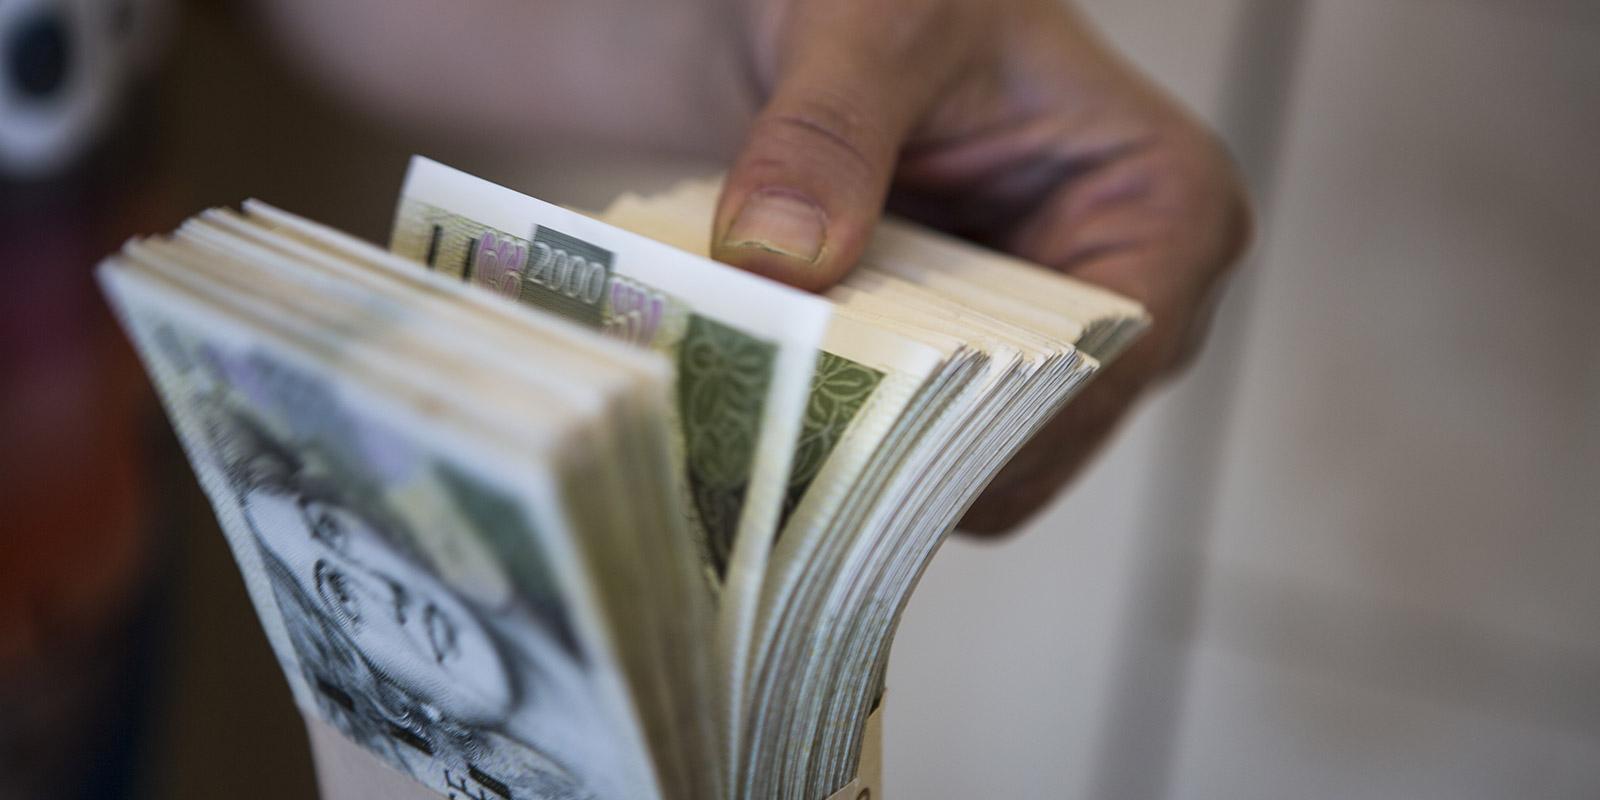 Bankám jako schránkám na peníze podle průzkumu důvěřuje většina Čechů